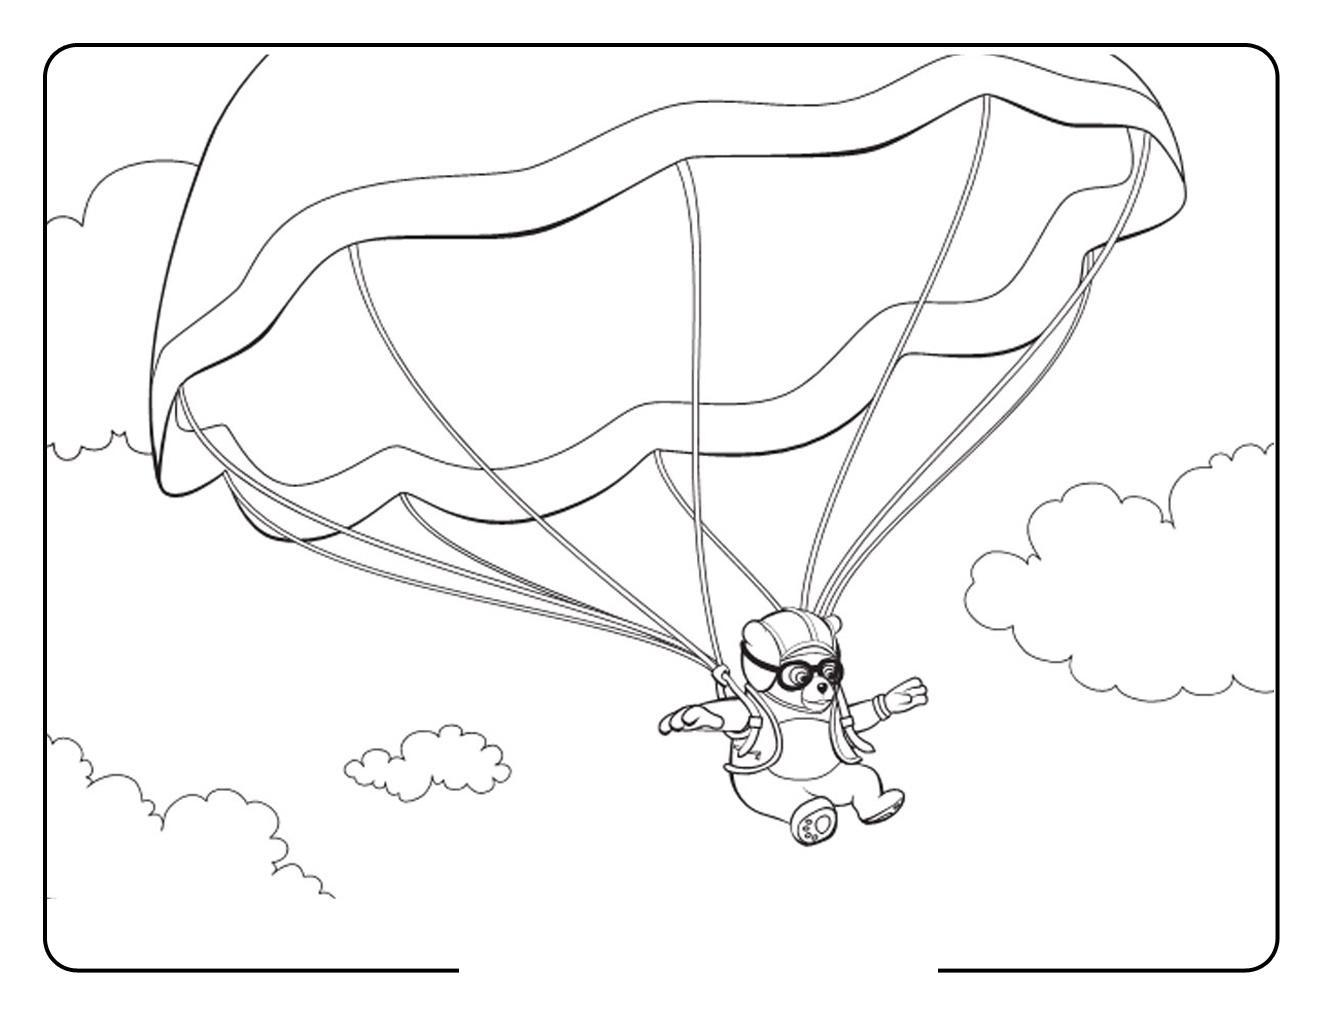 Медведь парашютист, небо, облака Раскраски для мальчиков бесплатно